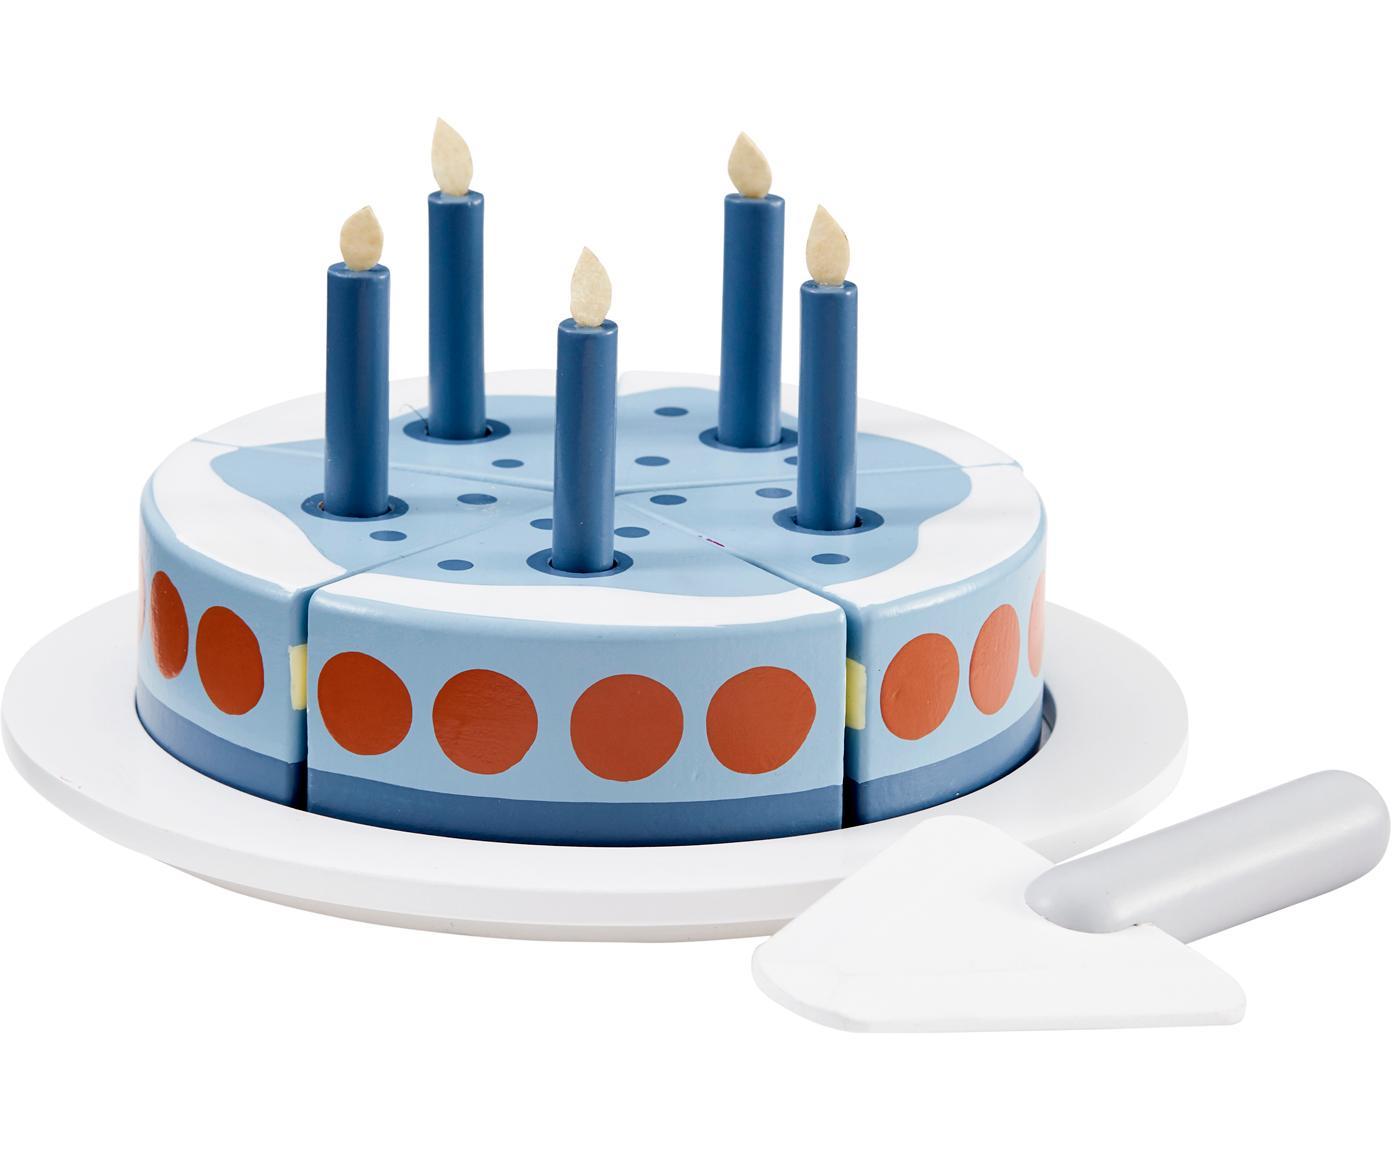 Spielzeug-Set Birthday Cake, Holz, Blau, Weiss, Rot, Ø 19 x H 10 cm